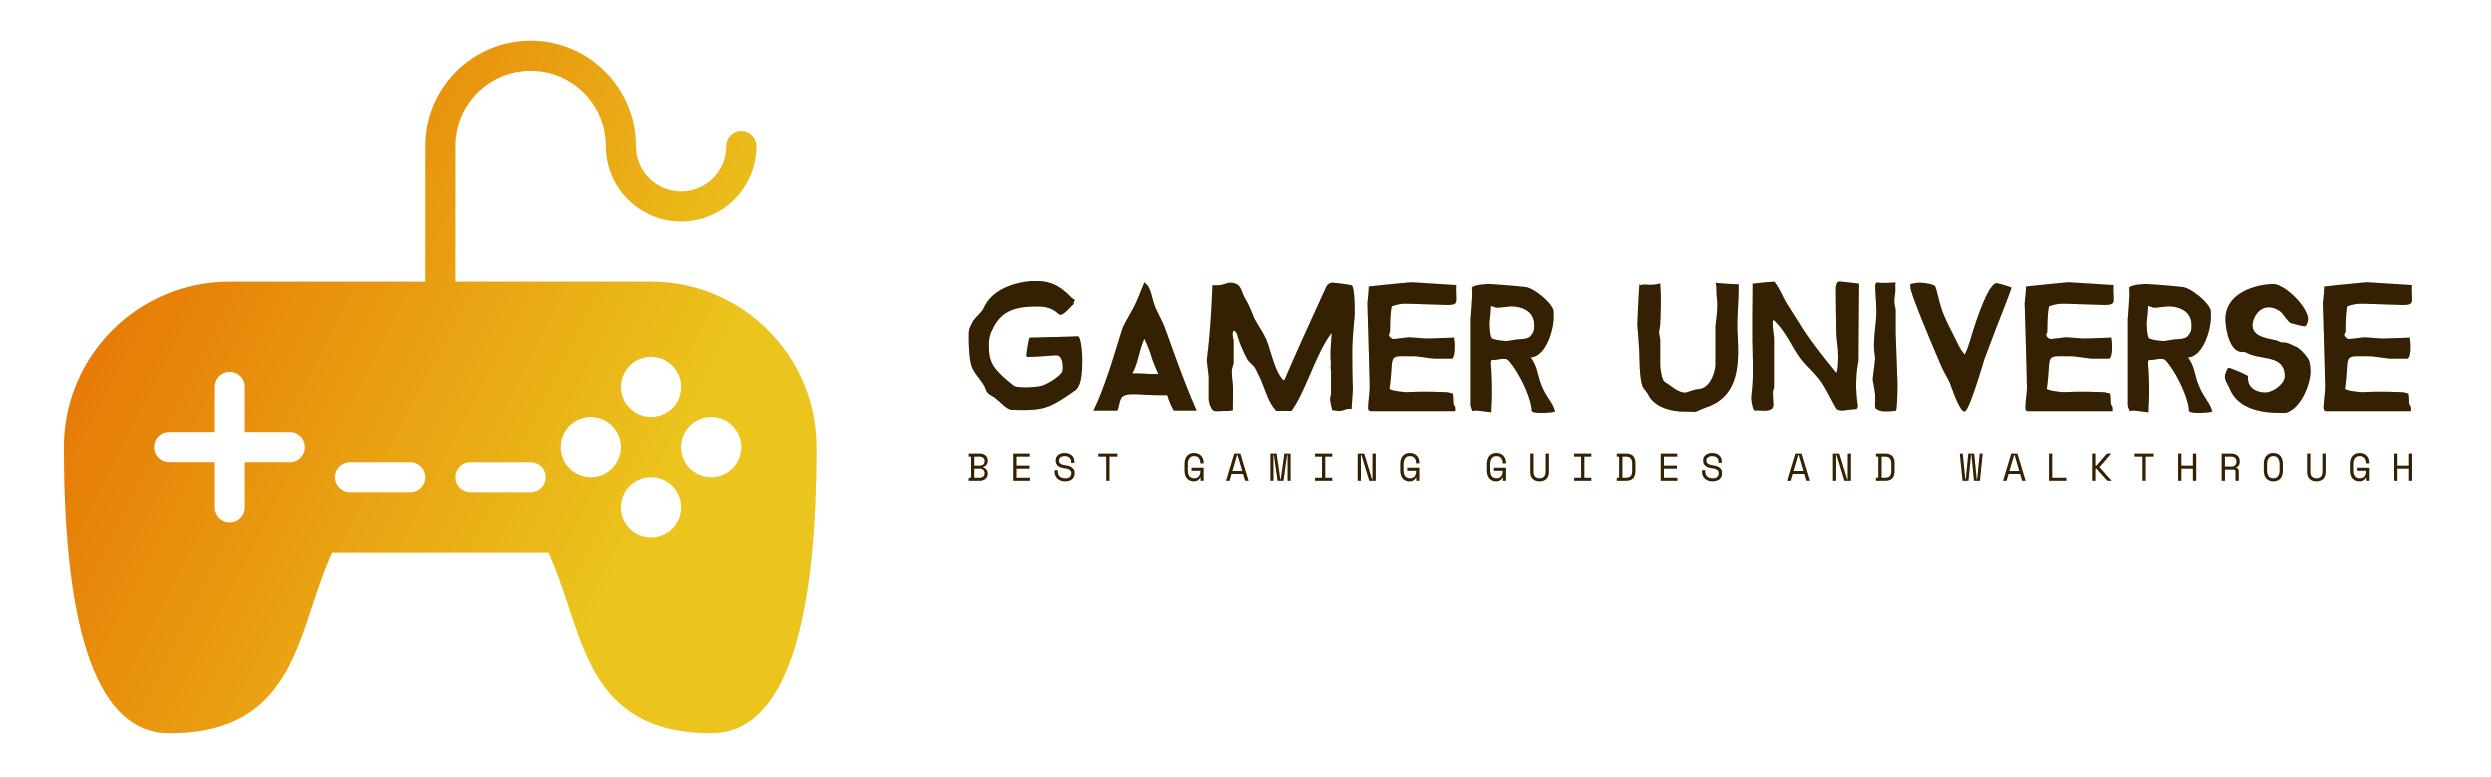 Gamer Universe